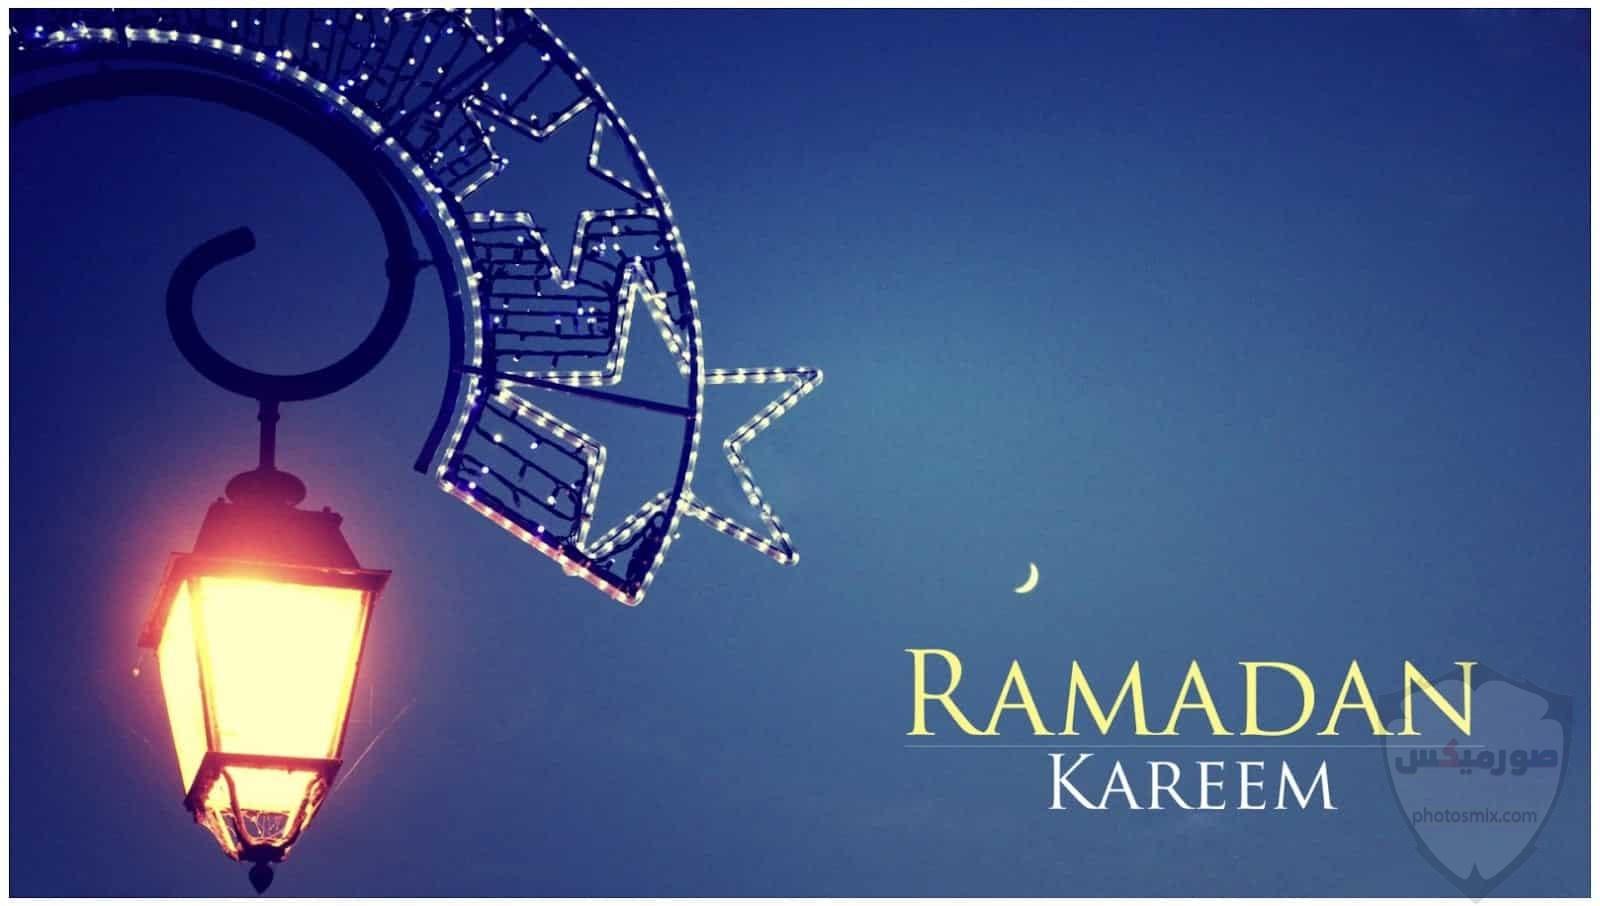 دعاء رمضان 2020 الادعية الرمضان فى 2020 13